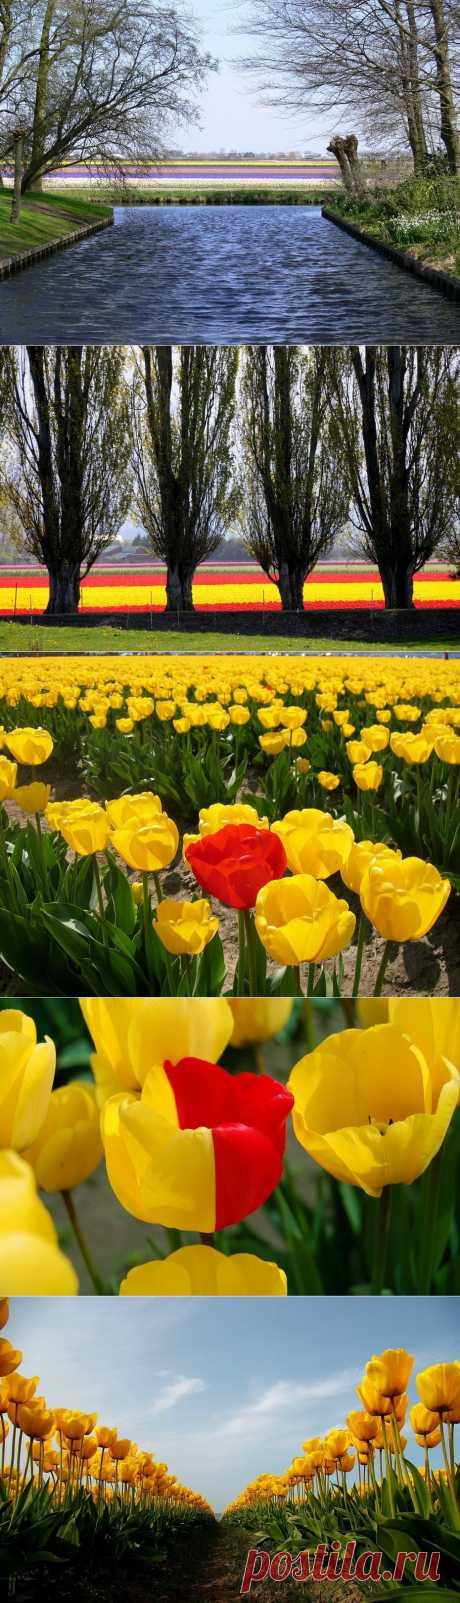 » Поля тюльпанов Это интересно!